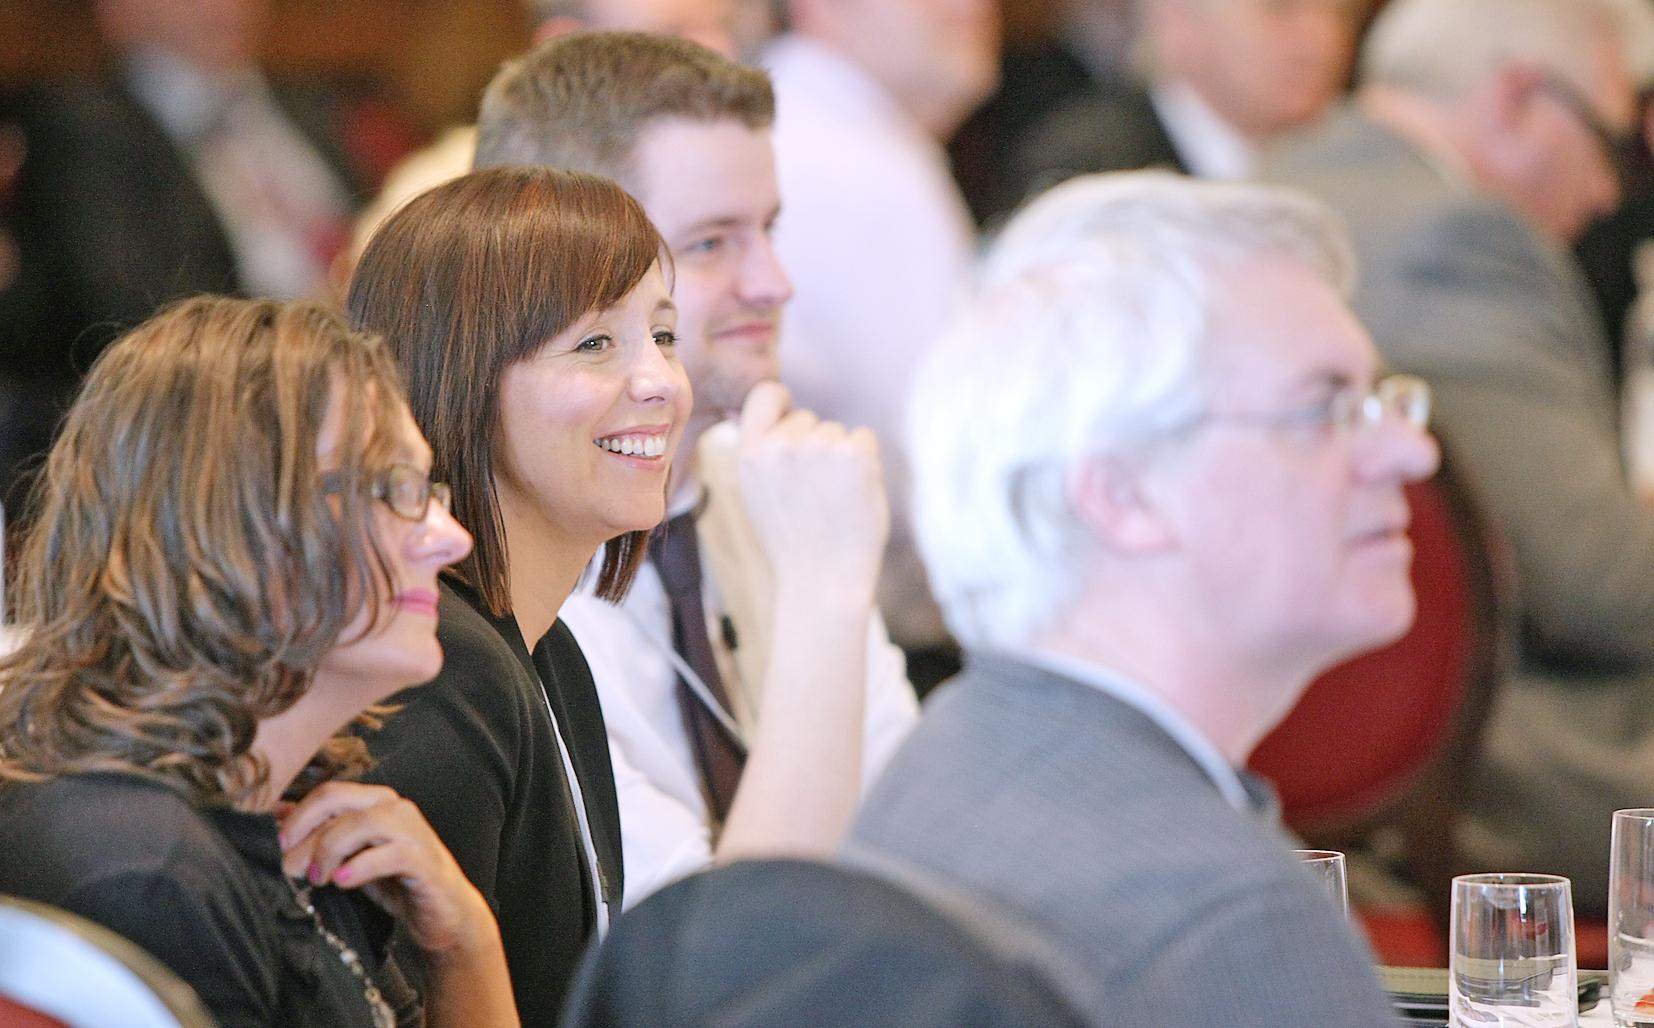 One City Conference Titanic Belfast 14105mj13